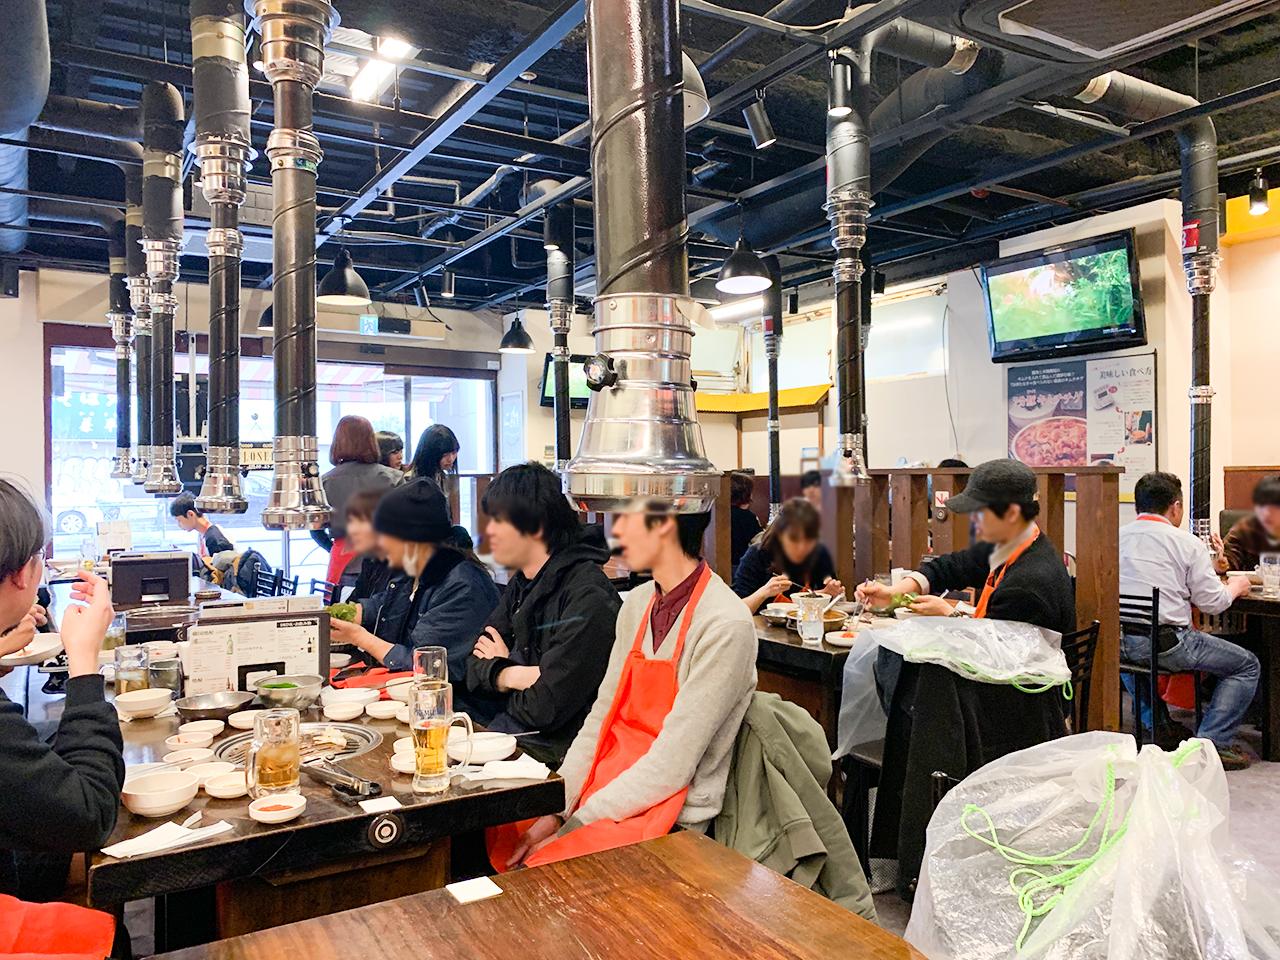 韓国人のお客さんも多い店内